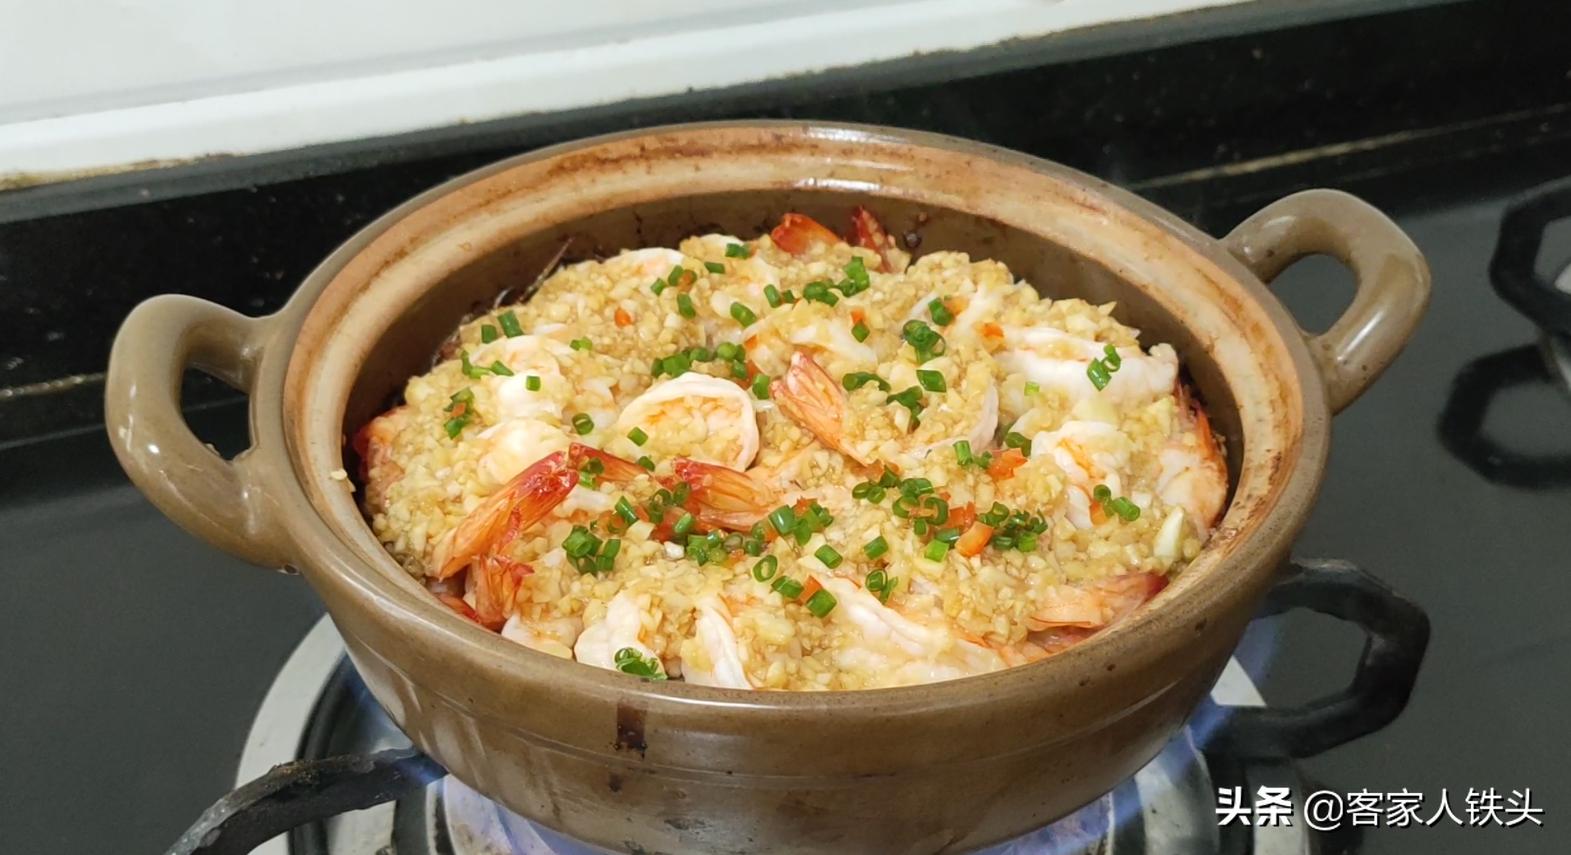 廣東人愛吃的鮮蝦粉絲煲,不加水不油炸一次做一斤,鮮嫩營養好吃